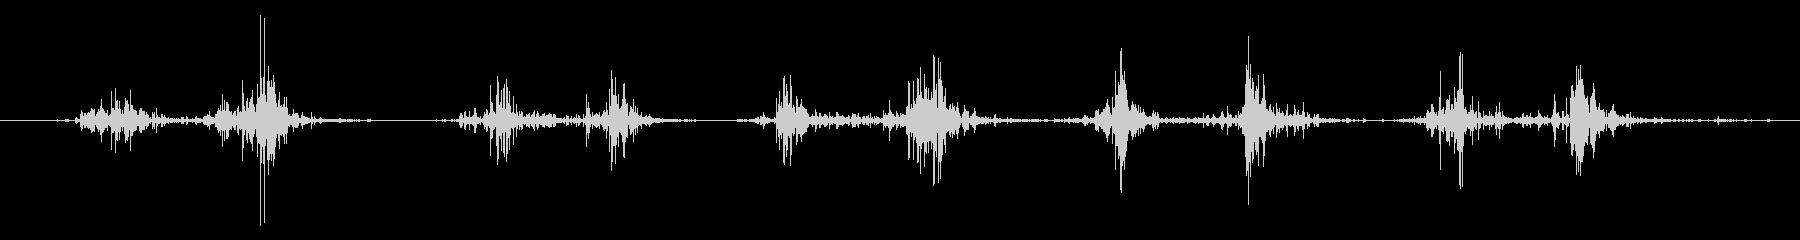 タブレッド菓子を出す音2モノラルの未再生の波形